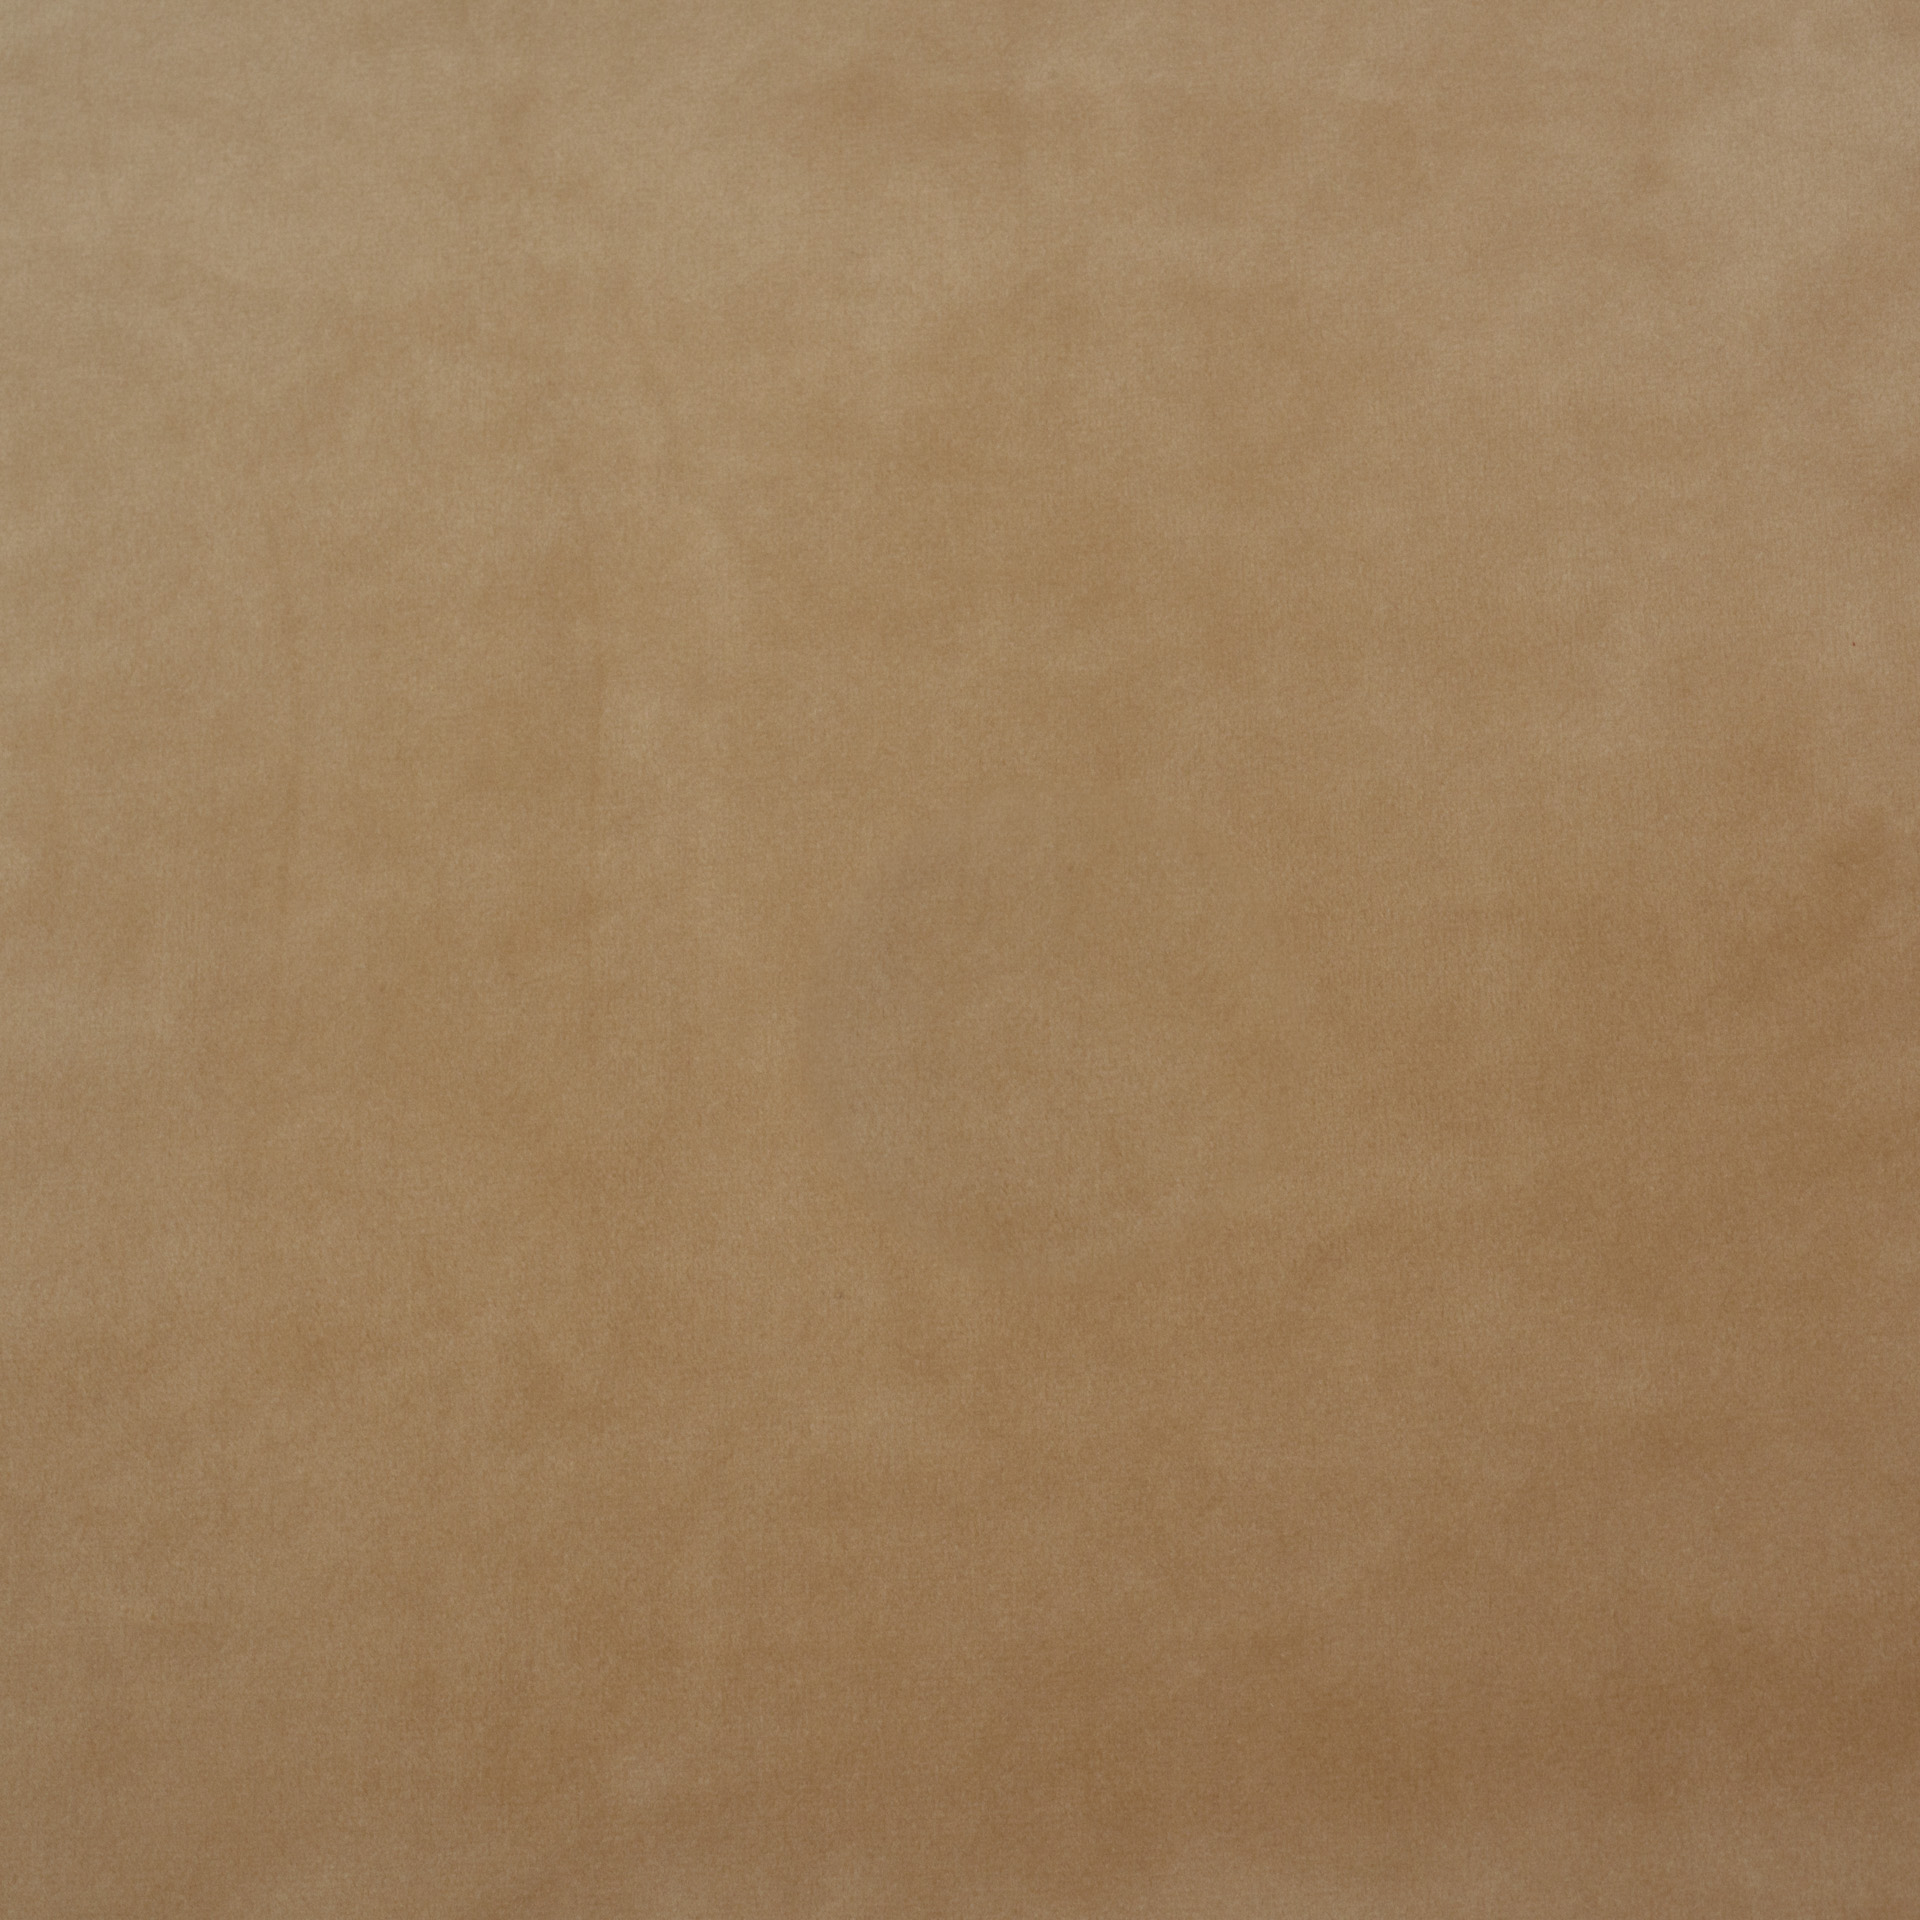 Коллекция ткани Альмира 12 OASIS NUDE,  купить ткань Велюр для мебели Украина